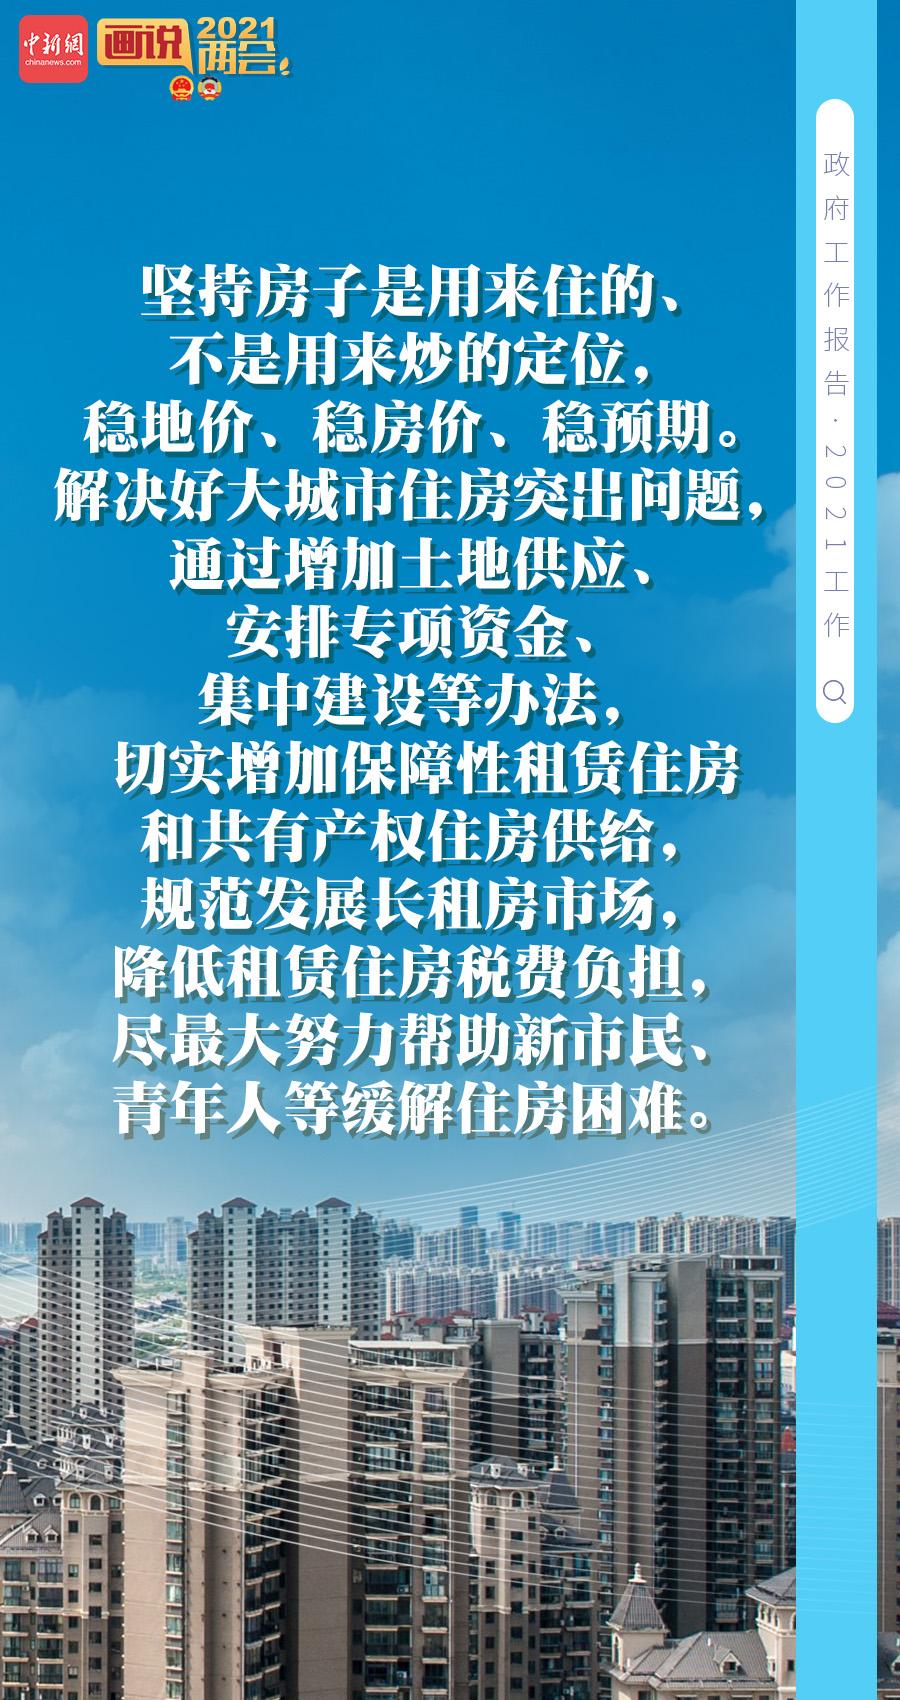 李克强:切实增进民生福祉,不断提高社会建设水平